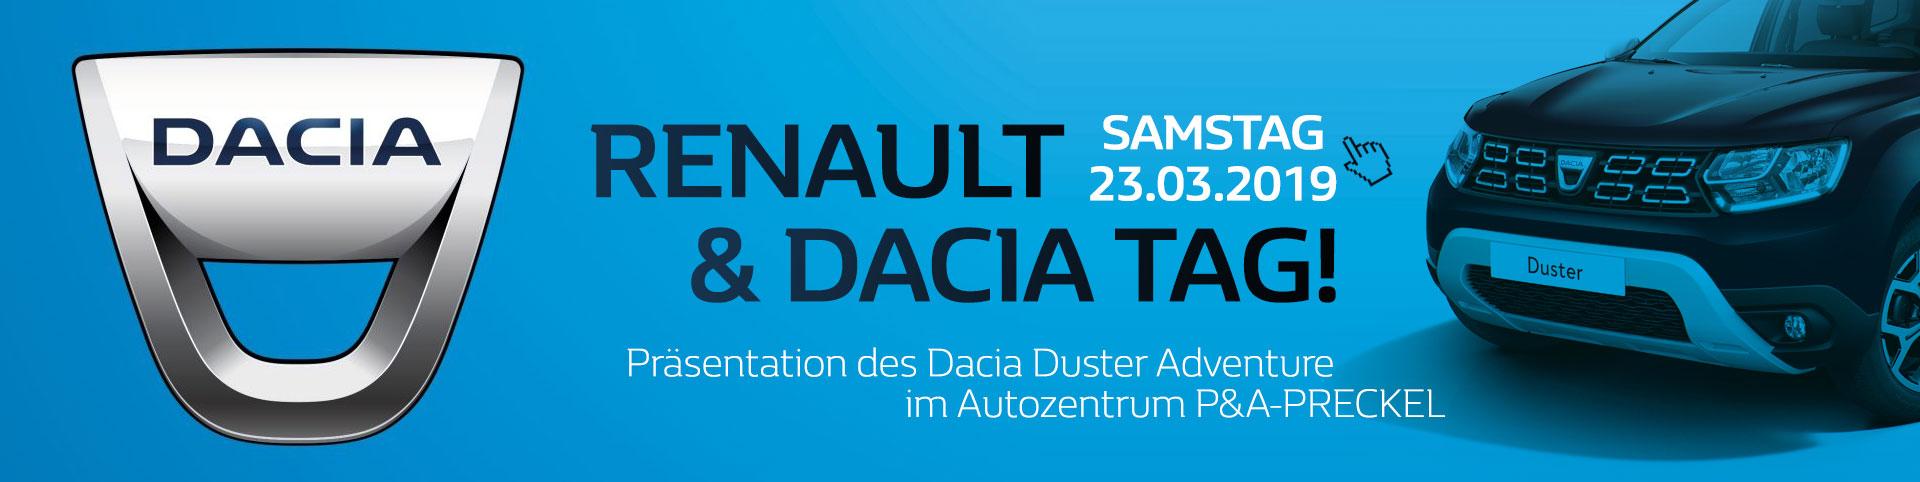 Dacia Duster Adventure Präsentation im Autozentrum P&A-PRECKEL